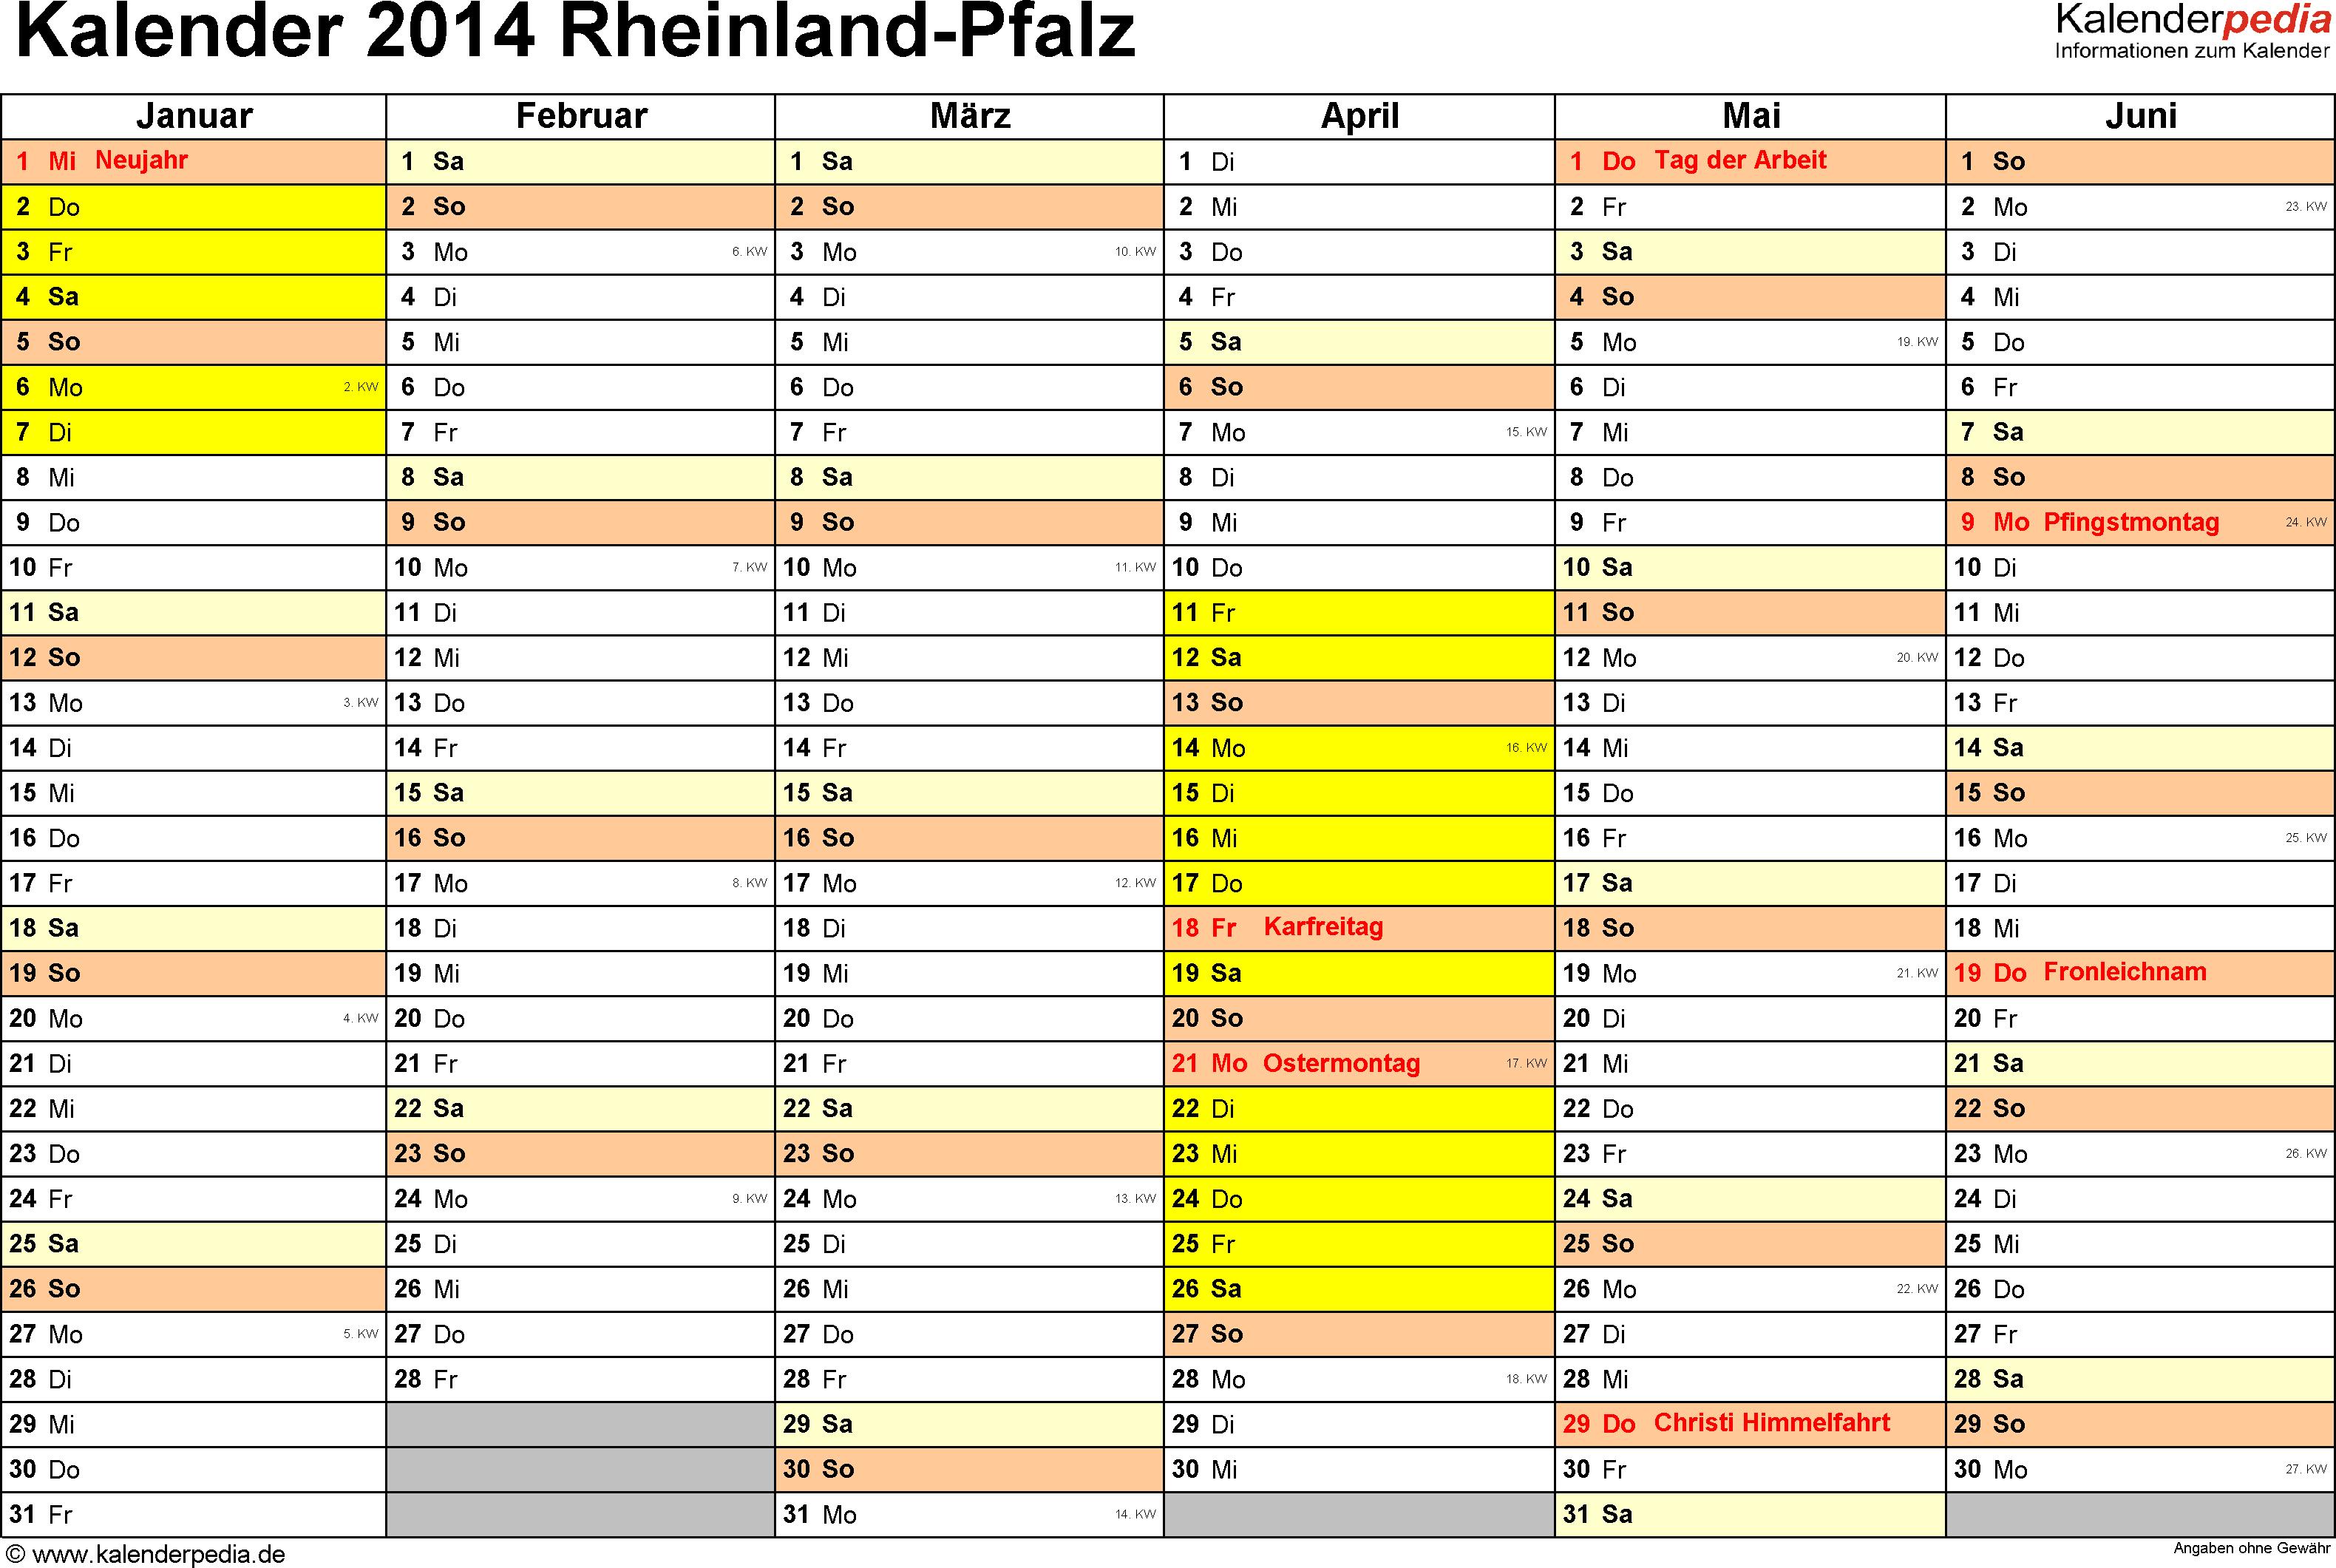 Vorlage 3: Kalender 2014 für Rheinland-Pfalz als Word-Vorlagen (Querformat, 2 Seiten)